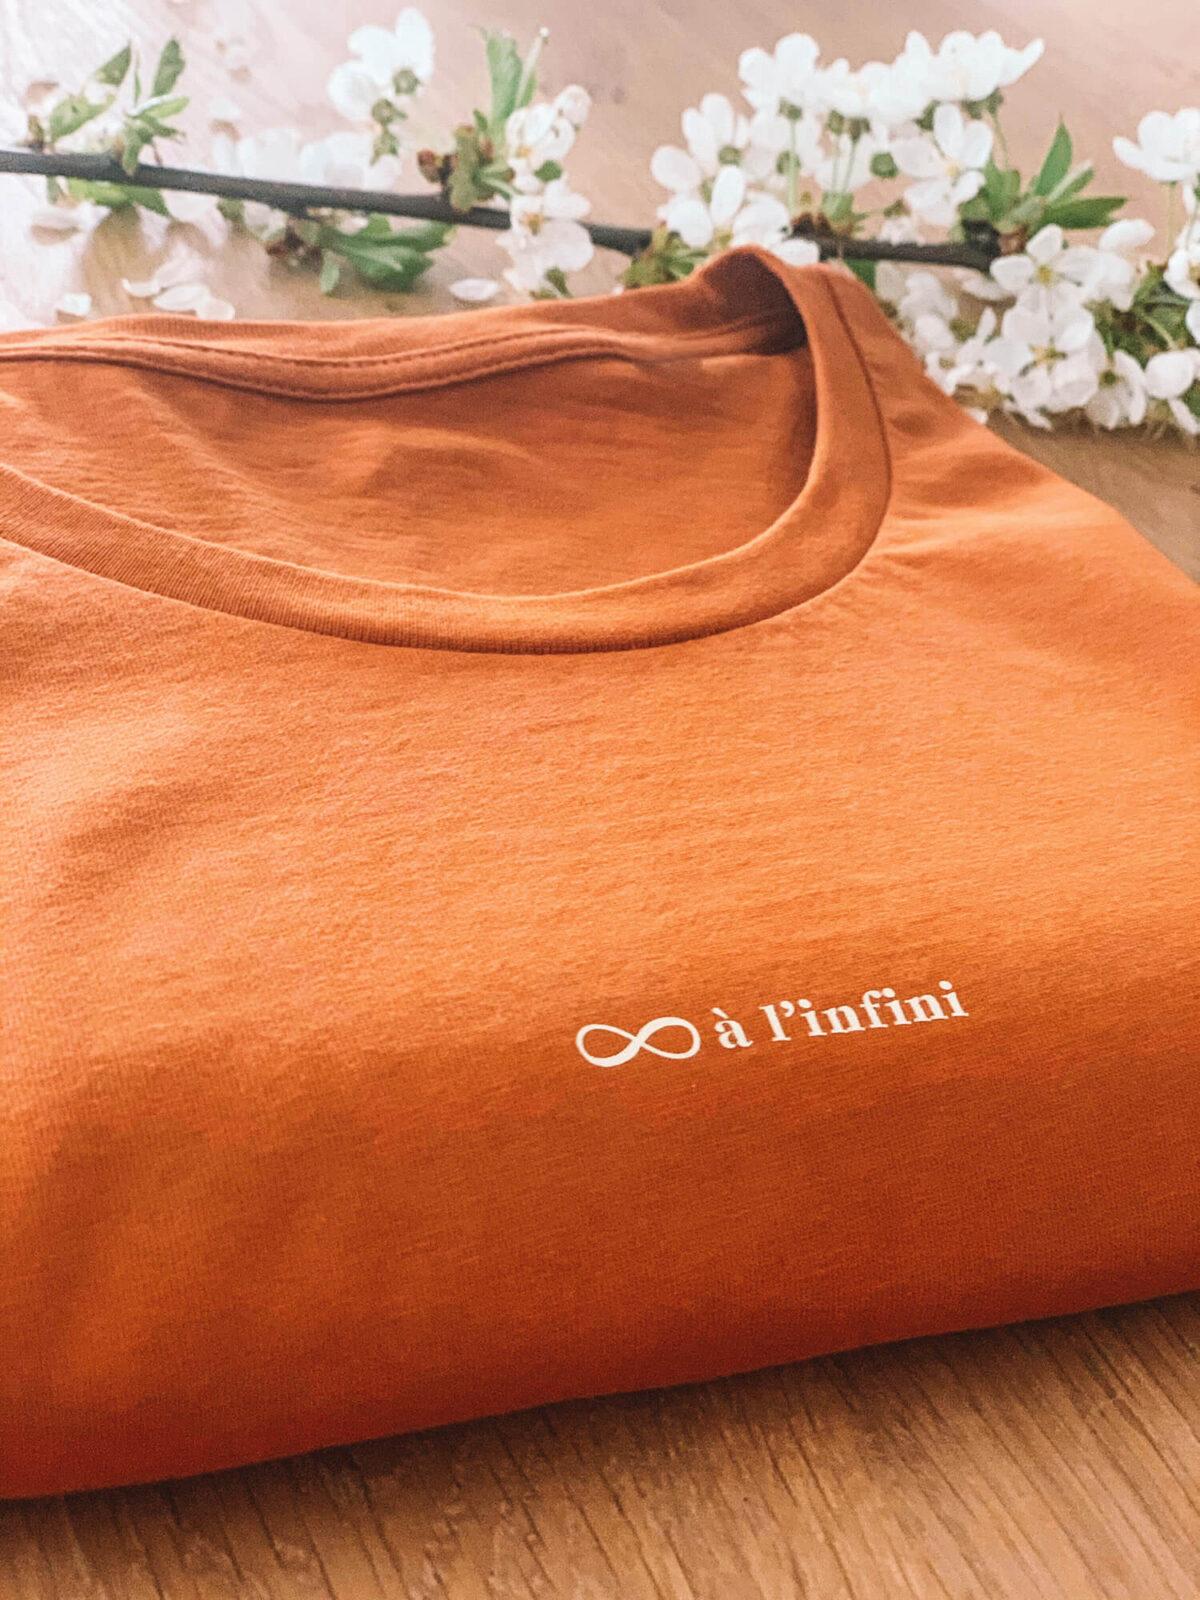 à l'infini t-shirt by Mangos on Monday